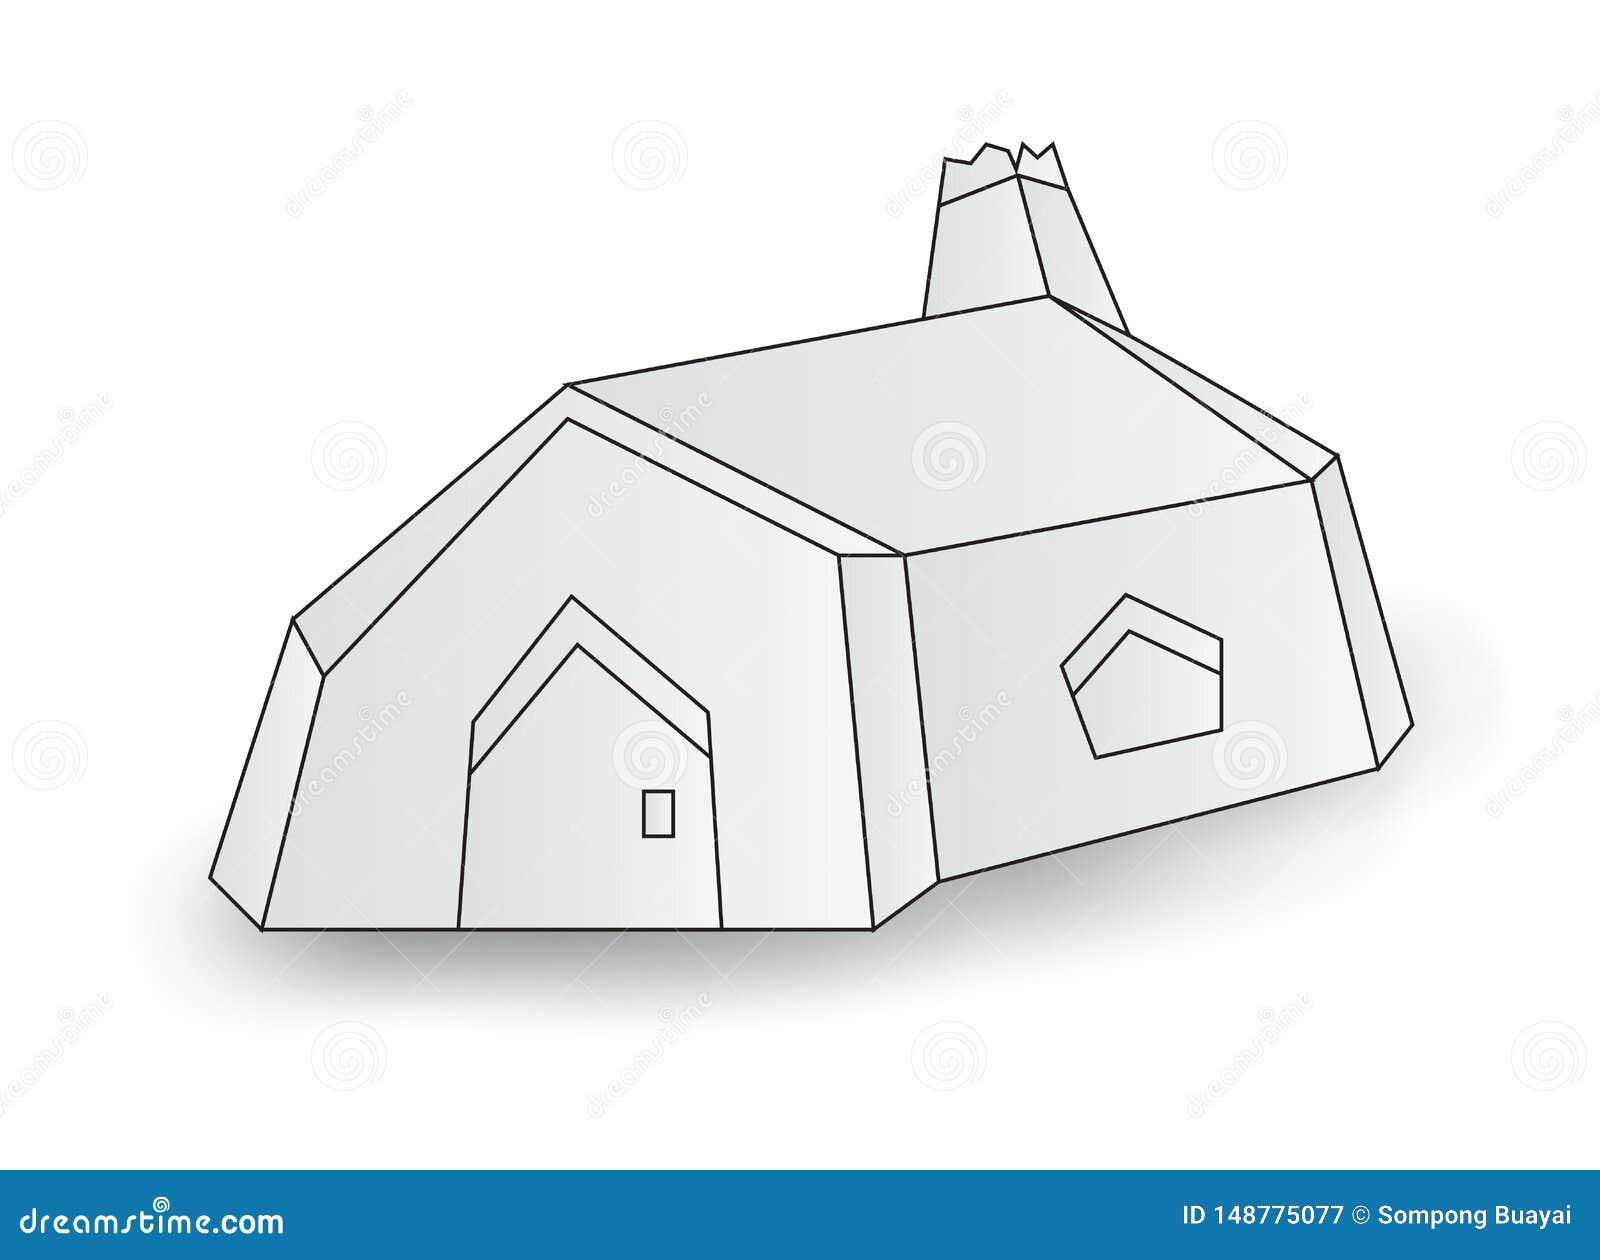 Белый маленький дом, иллюстрация вектора кабины дома, мультфильм